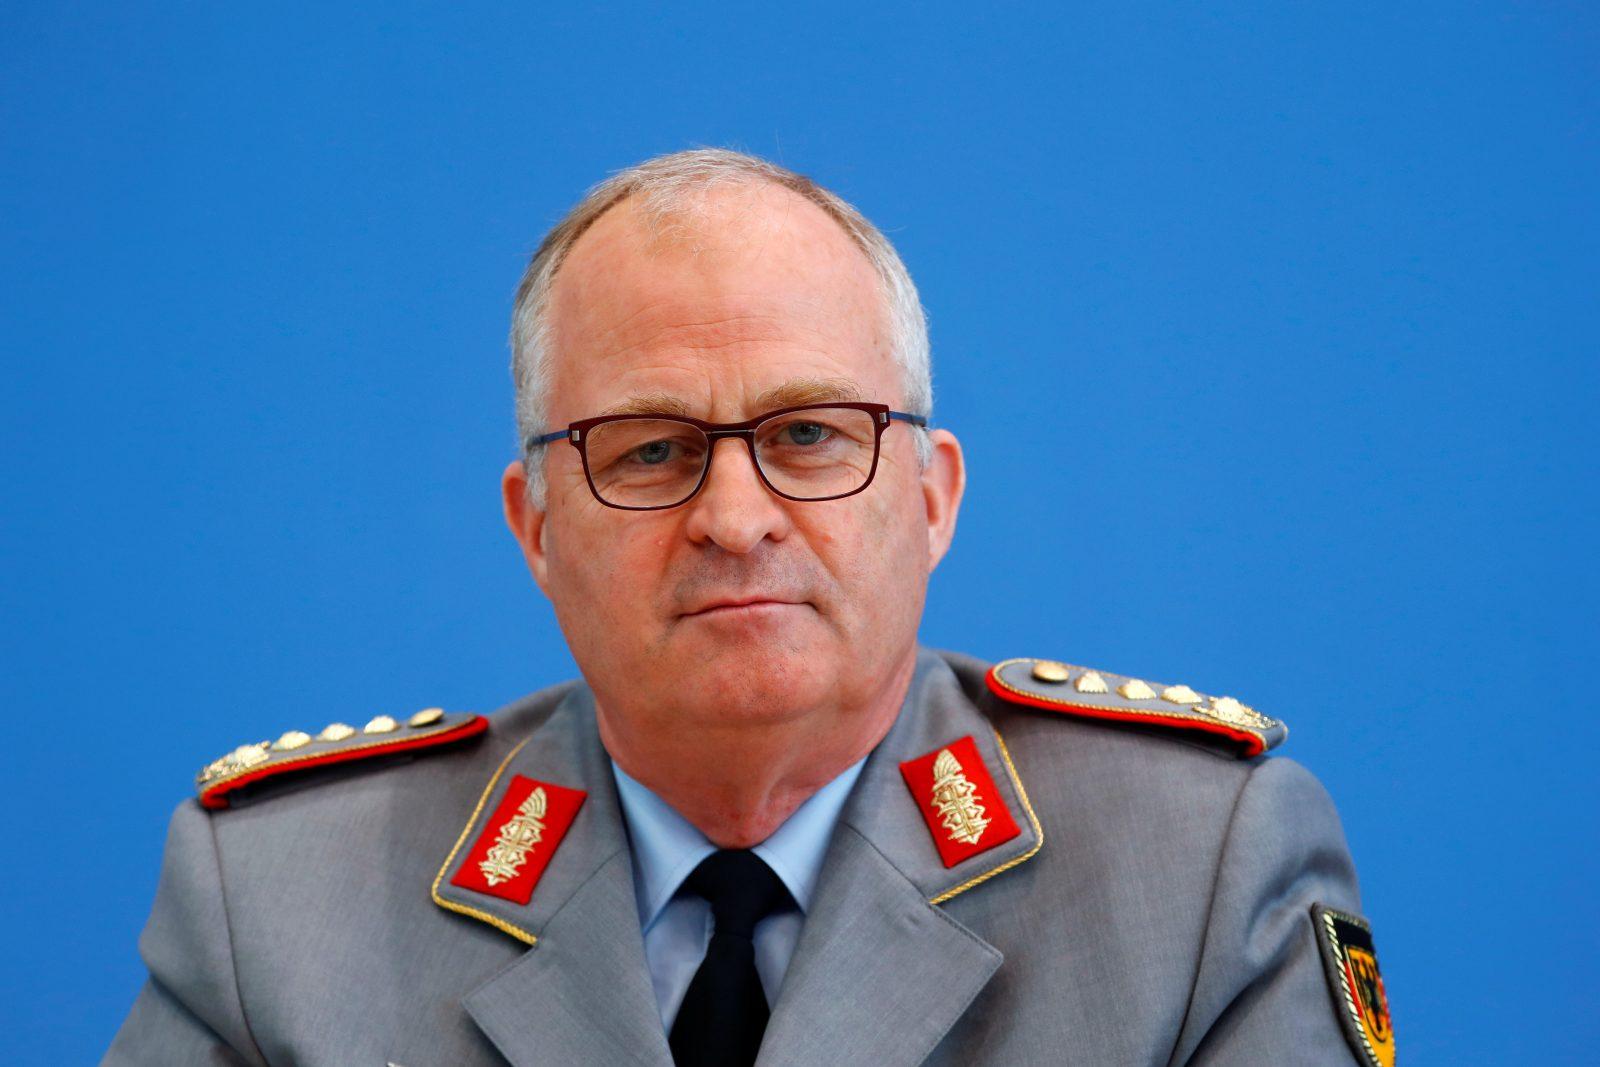 Der Generalinspekteur der Bundeswehr, Eberhard Zorn, drängt auf die Anschaffung von Kampfdrohnen Foto: picture alliance/dpa/Reuters-Pool | Fabrizio Bensch